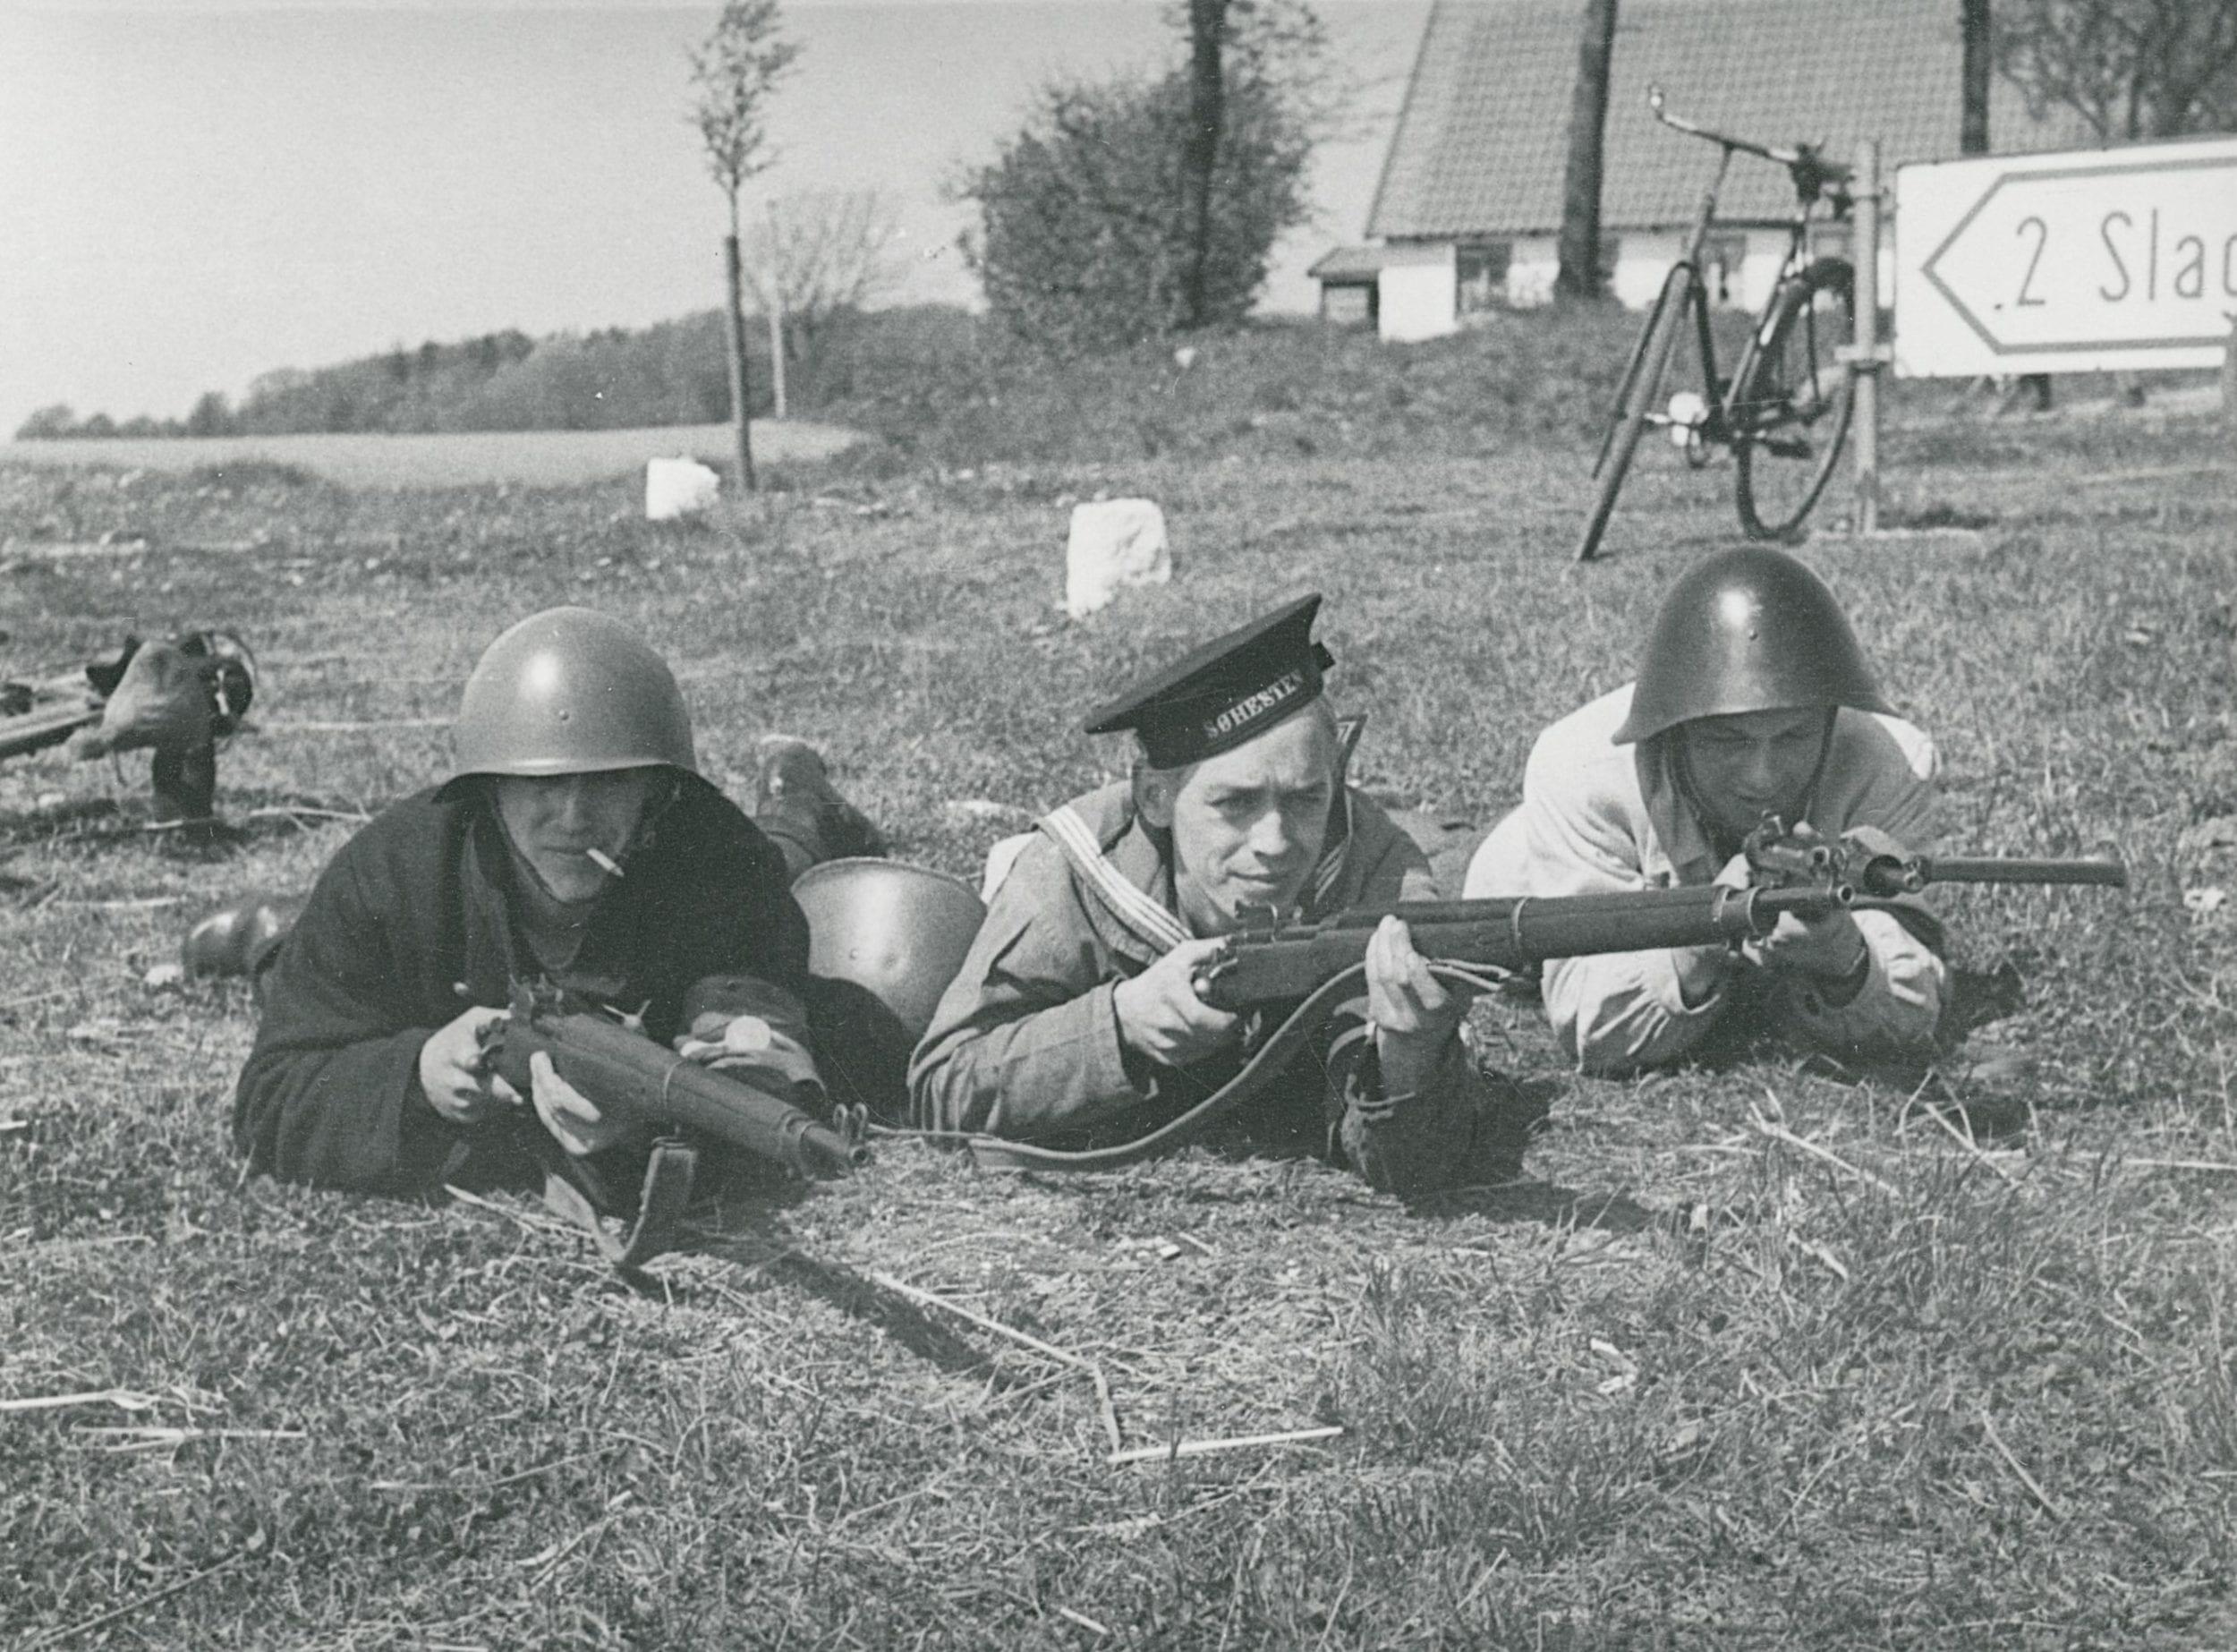 Flere end 16.000 sjællændere var aktive i modstandsbevægelsen under krigen